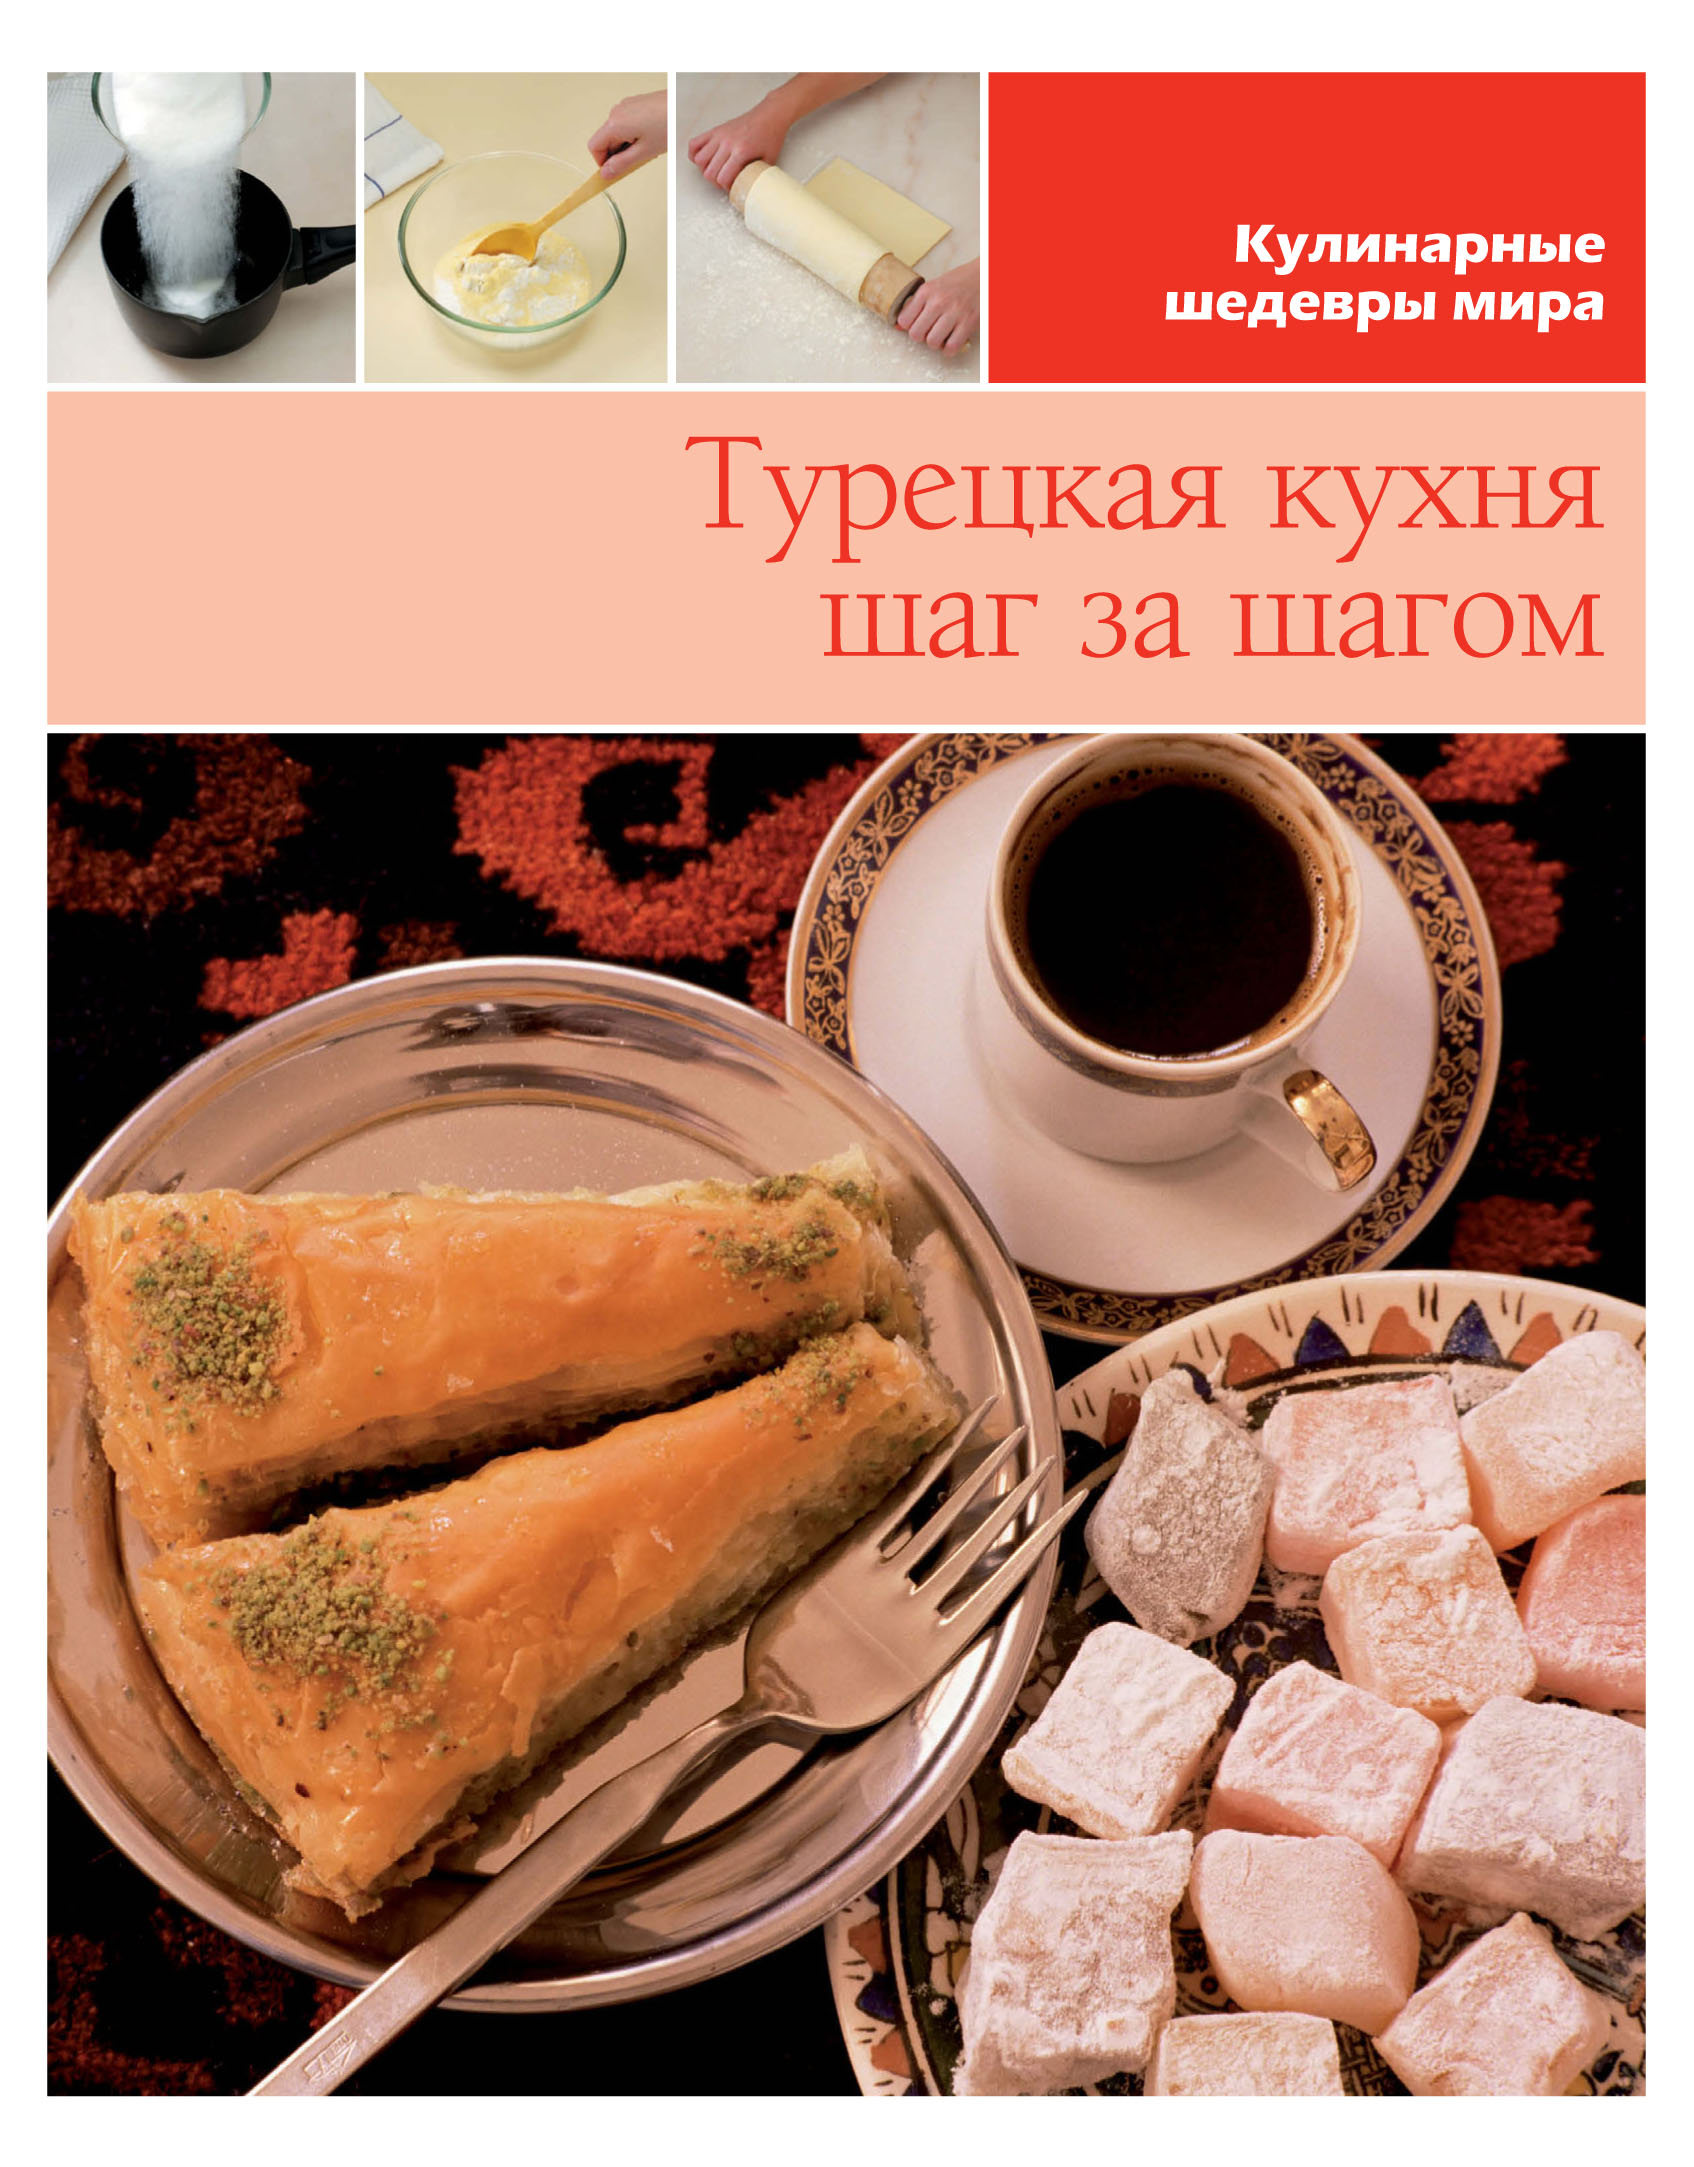 Турецкая кухня шаг за шагом